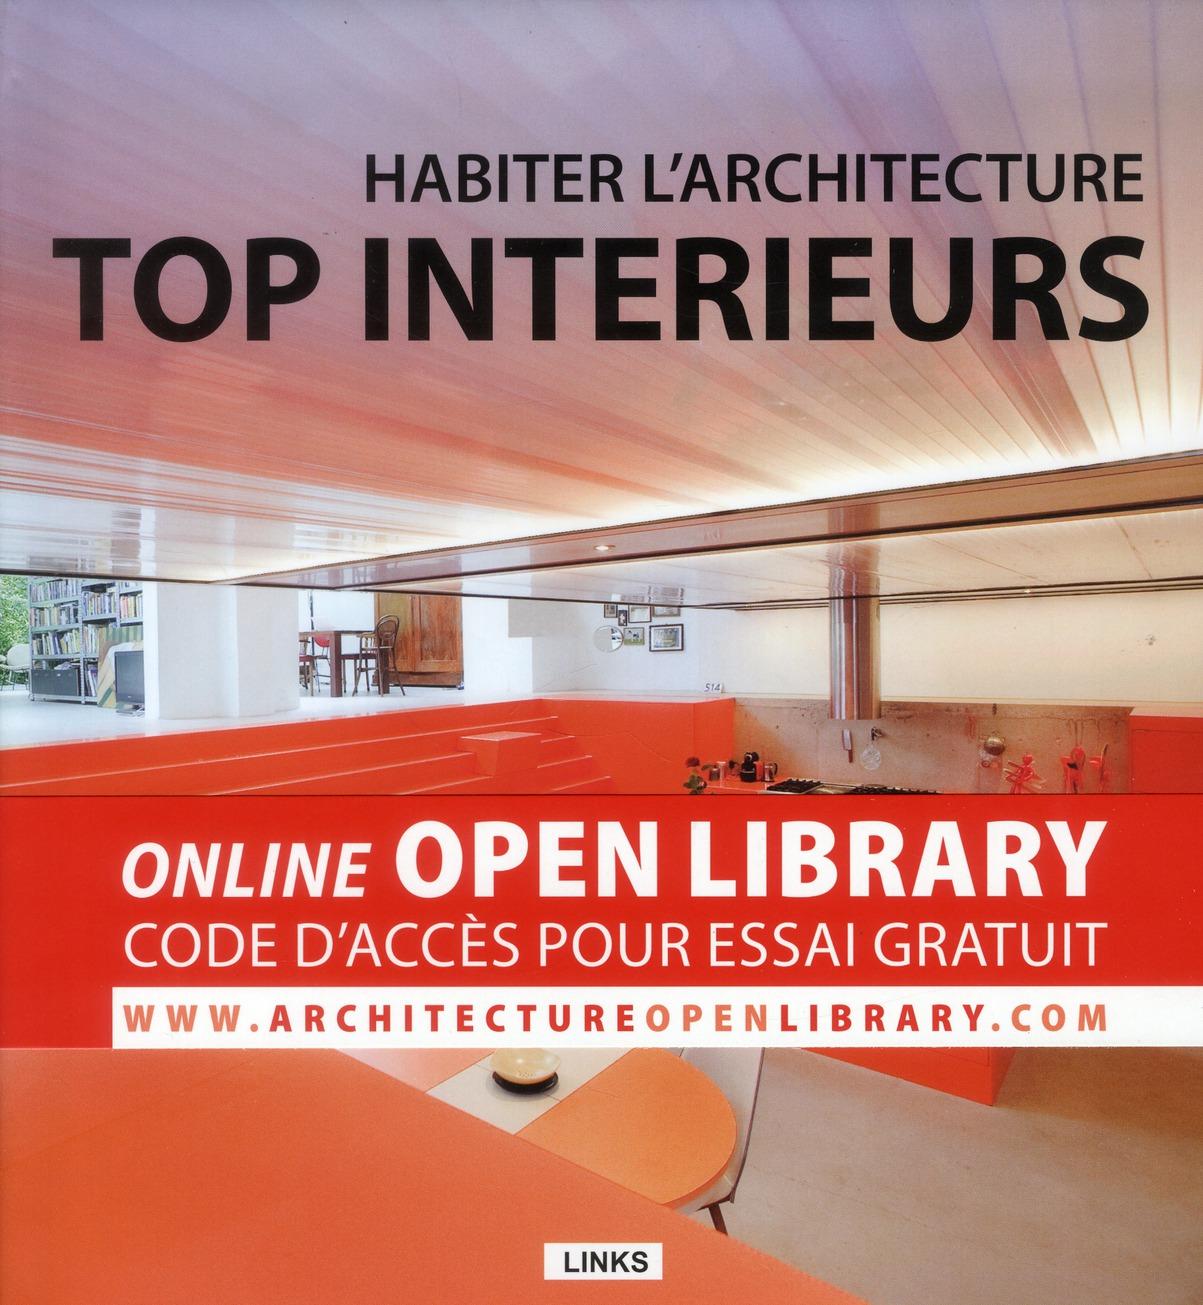 HABITER L'ARCHITECTURE : TOP INTERIEURS